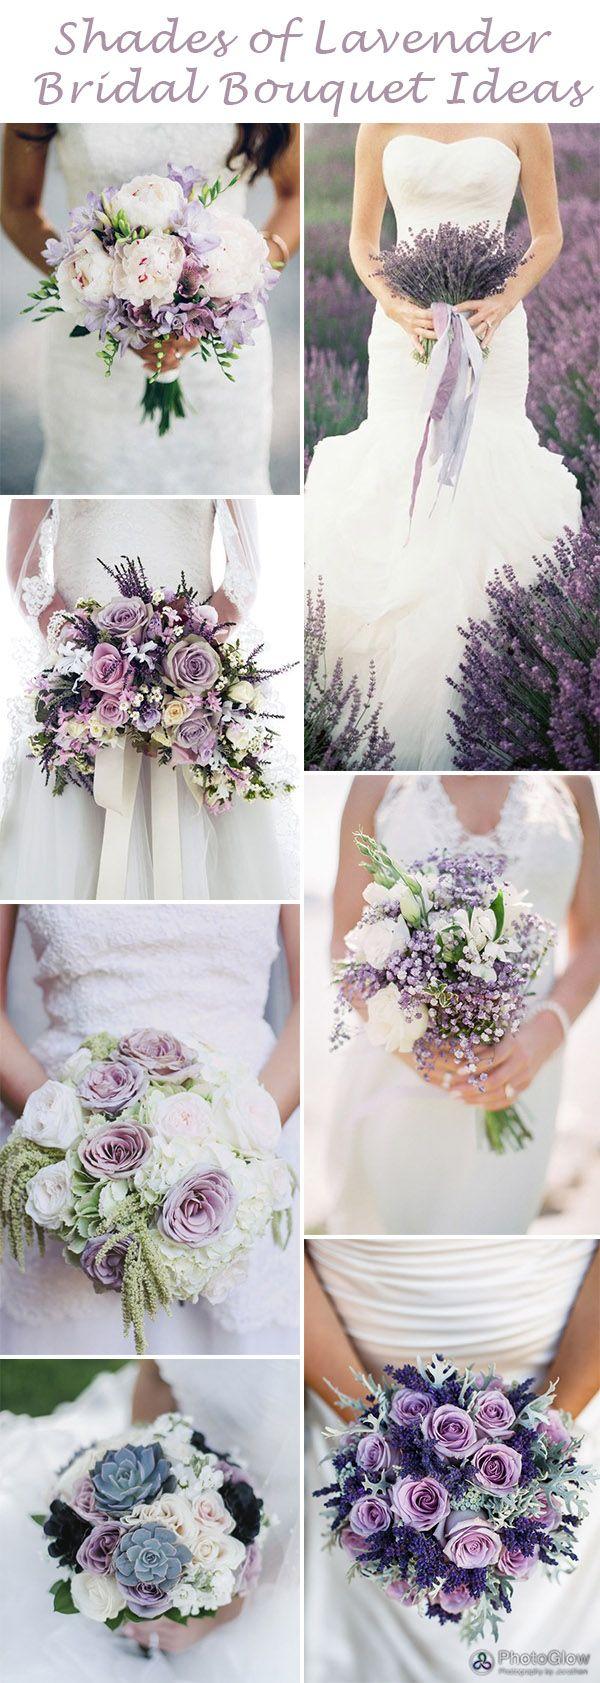 Lavender themed wedding decor  SwoonWorthy Shades of Lavender Wedding Ideas  Bridal bouquets